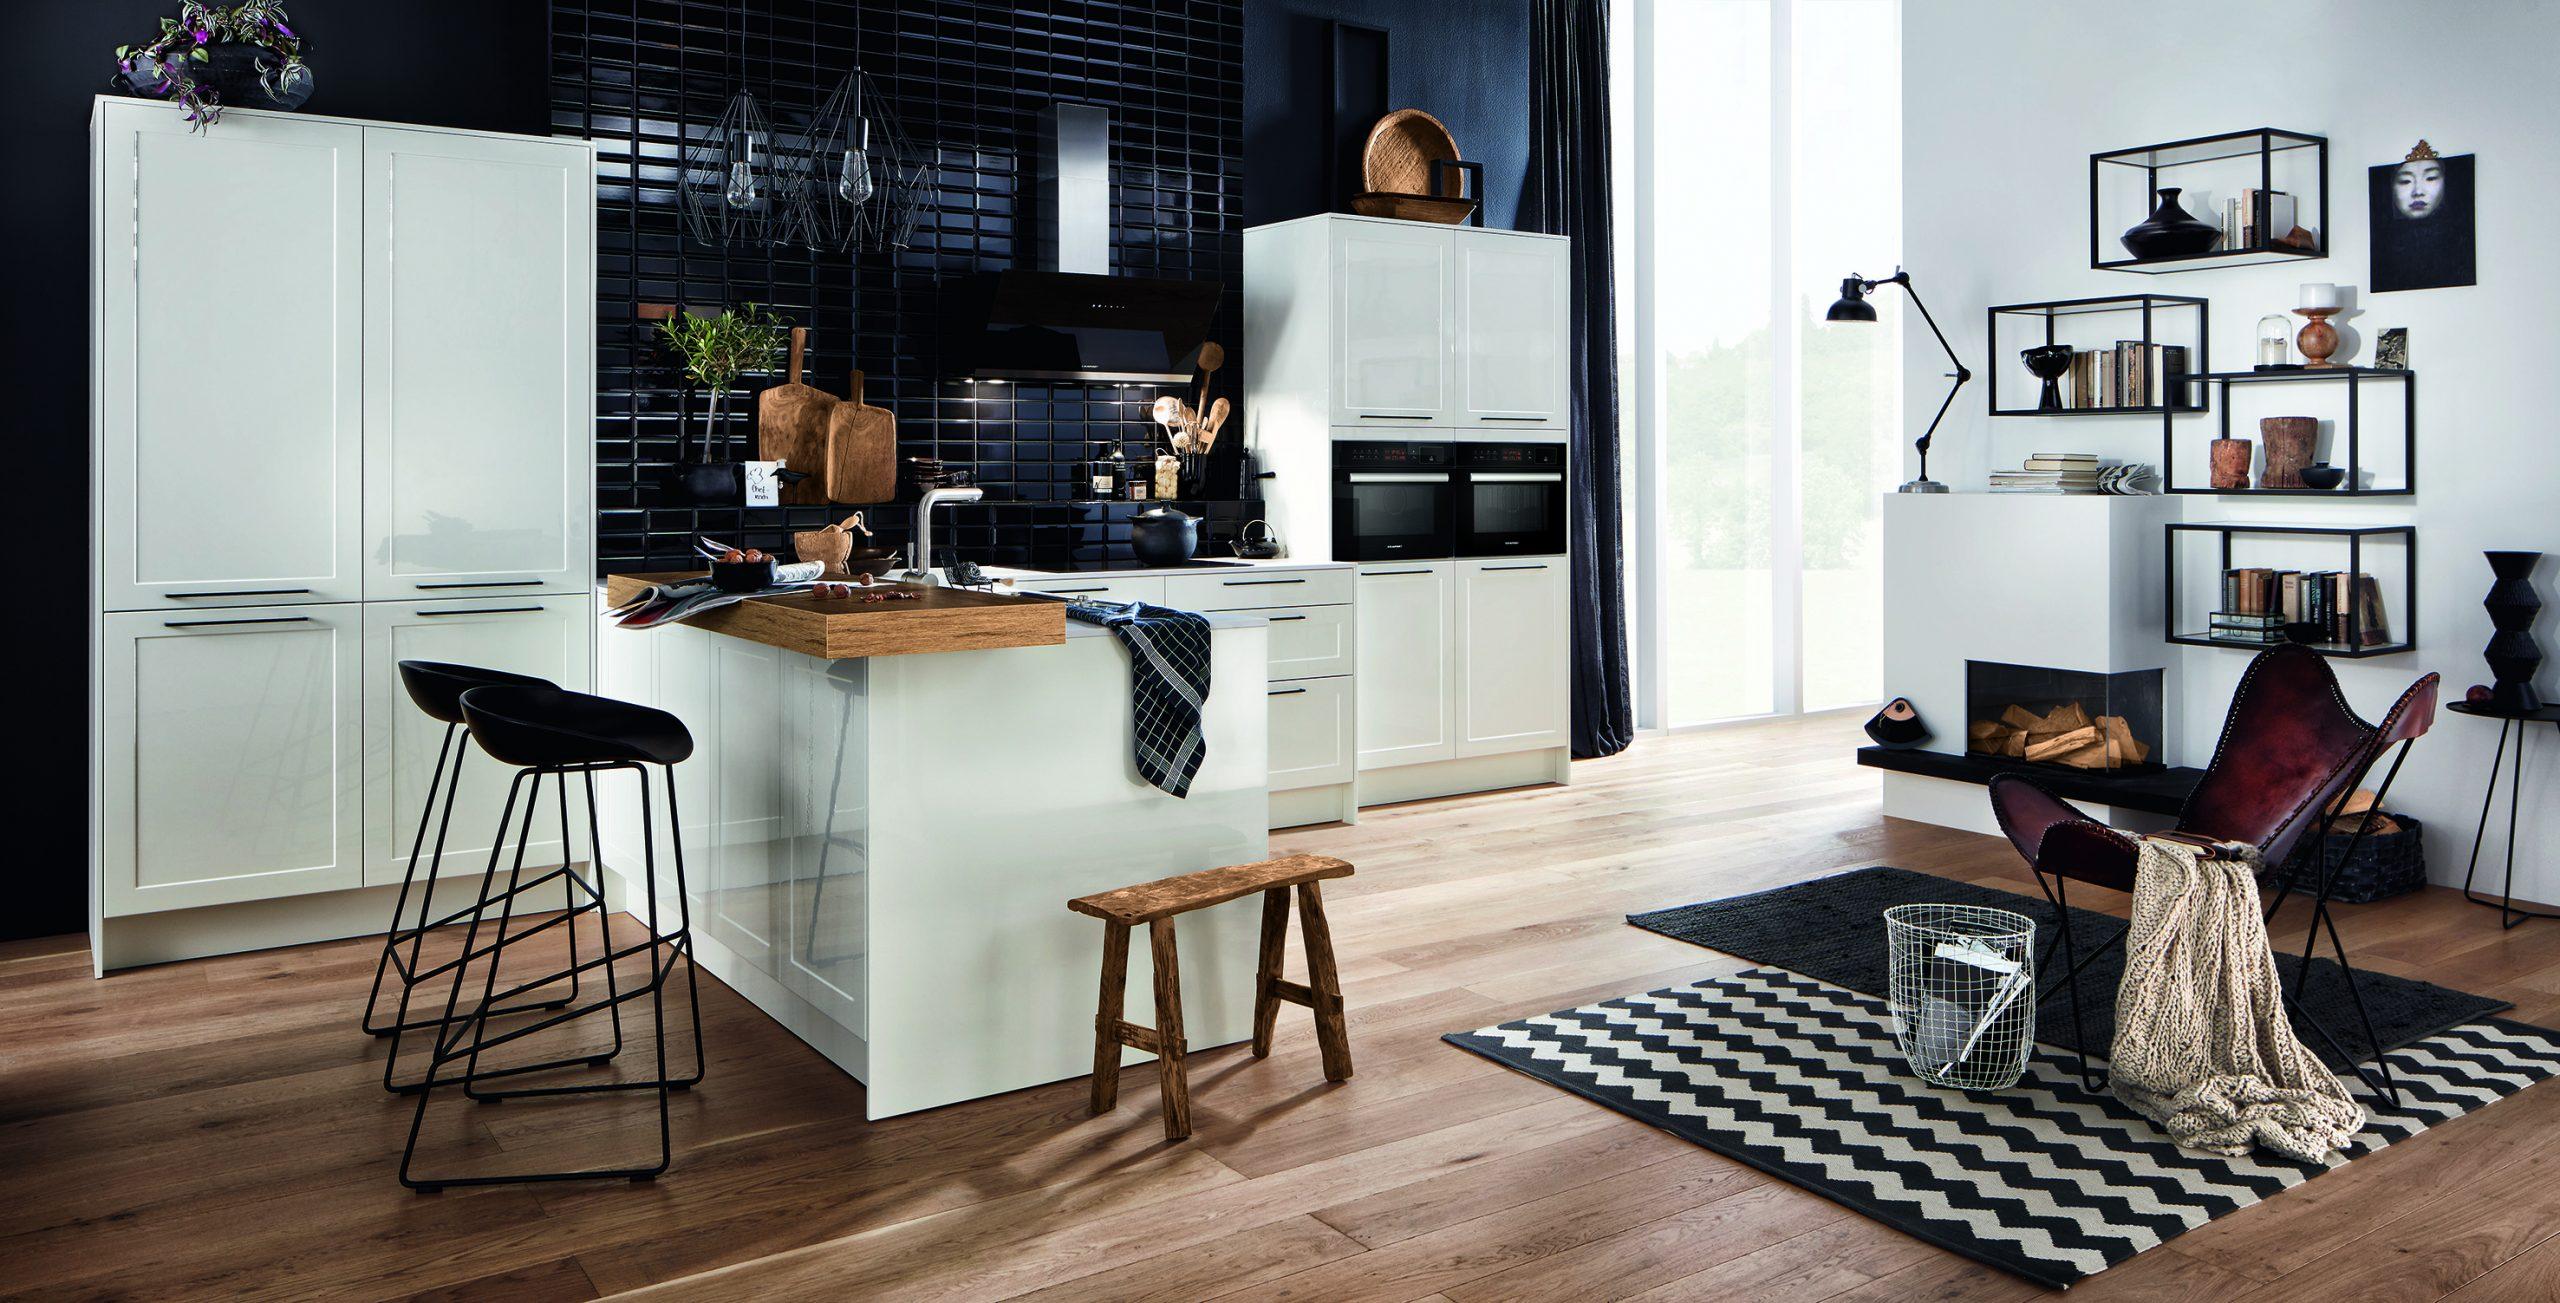 Full Size of Betten Ikea 160x200 Sofa Mit Schlaffunktion Bei Küche Kaufen Kosten Modulküche Miniküche Wohnzimmer Ikea Küchentheke